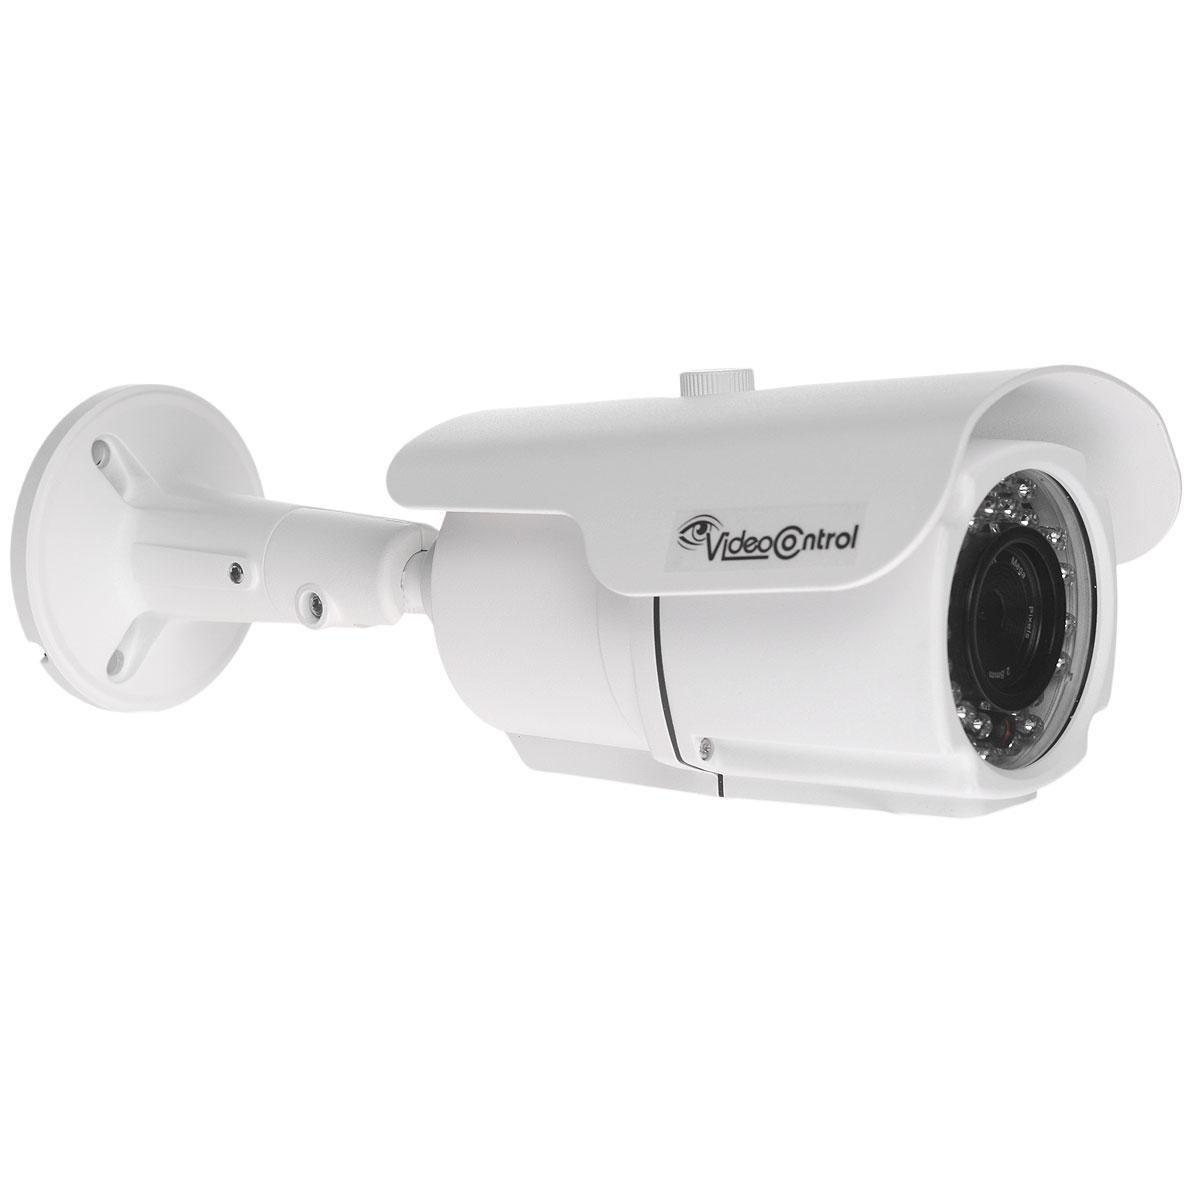 Video Control VC-IR81520IPA-P IP камера видеонаблюденияVC-IR81520IPA-PАнтивандальная цветная уличная всепогодная IP видеокамера высокого разрешения Video Control VC-IR81520IPA-P предназначена для использования на улице и в помещении, например, дача, улица, подъезд, склад, ангар, офис. С помощью уличной сетевой камеры вы быстро сможете установить видеонаблюдение за любым объектом из любой точки мира. Используя возможность удаленного подключения к данной камере через браузер (Internet Explorer, Safari, Google Chrome, Firefox). Вы можете просматривать и записывать все, что происходит в другом помещении с любого устройства, будь то компьютер, телефон, планшет. В данной IP-камере реализована поддержка практически всех мобильных платформ - IPhone, Ipad, Android, Blackberry, Symbiam и т.д.Video Control VC-IR81520IPA-P поддерживает ONVIF протокол, что позволяет использовать камеру в комбинации с любыми совместимыми сетевыми камерами, видеорегистраторами, системами управления. Сетевая камера оборудована высококачественным объективом с фокусным расстоянием f=2.8мм,а также высокочувствительной матрицей Aptina для получения изображения высокого разрешения. А использование ИК подсветки в ночное время с корректирующим фильтром изображения позволит получить бесподобное качество видеоизображения. Для удобства пользования ко всем ИП камерам Video control предлагается бесплатный облачный сервис для мониторинга из любого места. Также данная модель поддерживает стандарт передачи питания через витую пару PoE.